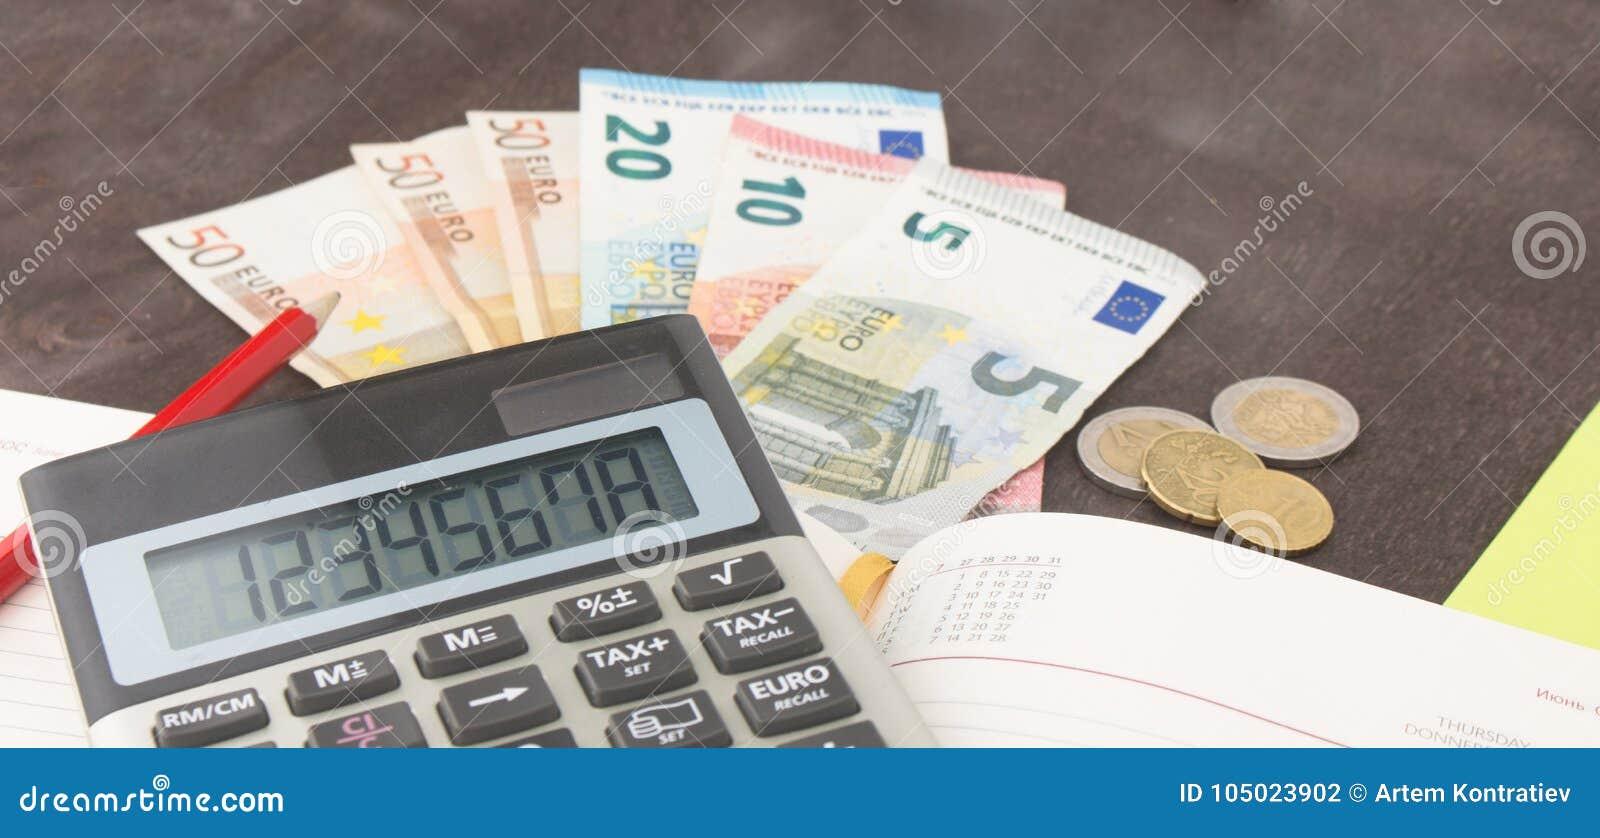 Buchhaltung und Geschäftsführung Banknoten, Taschenrechner und Eurobanknoten auf hölzernem Hintergrund Steuer, Debet und Kostenbe